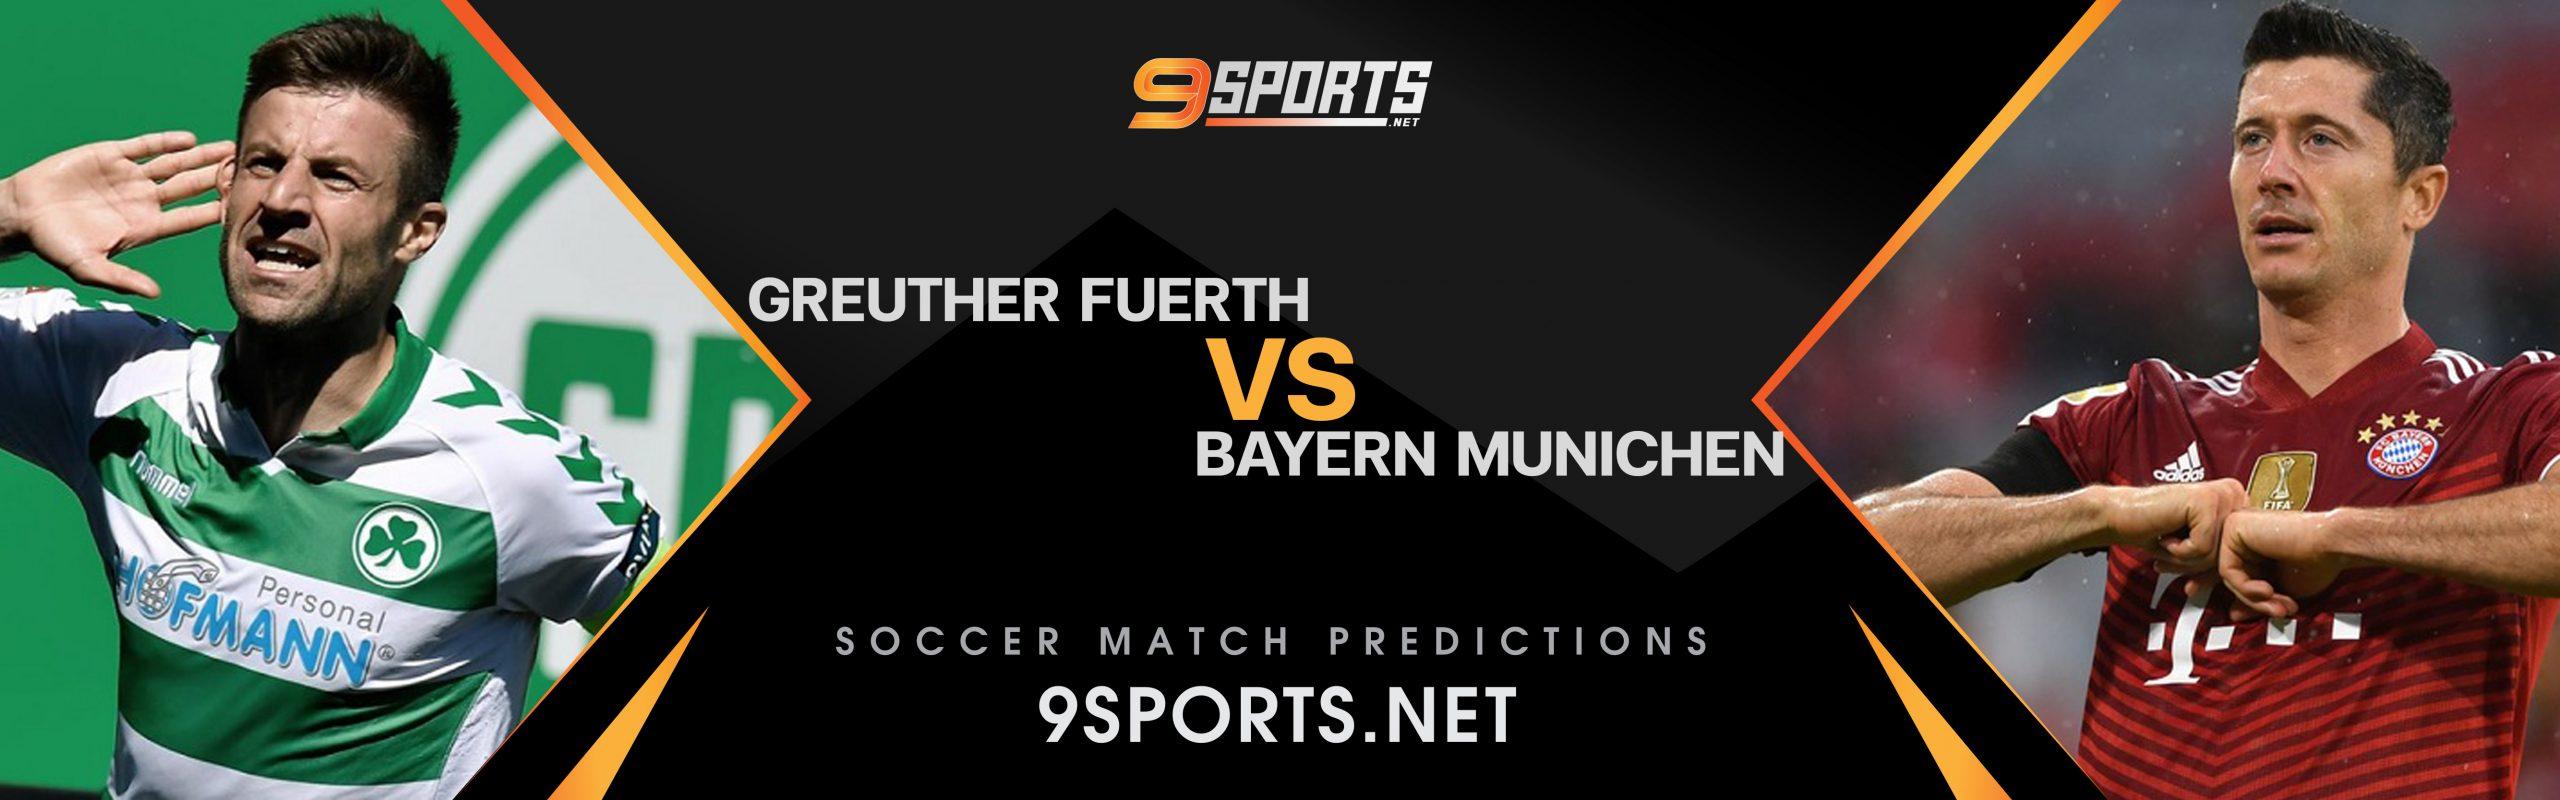 ทีเด็ดวิเคราะห์บอล 9Sports Germany BundesLiga กรอยเธอร์ เฟือร์ธ VS บาเยิร์น มิวนิค